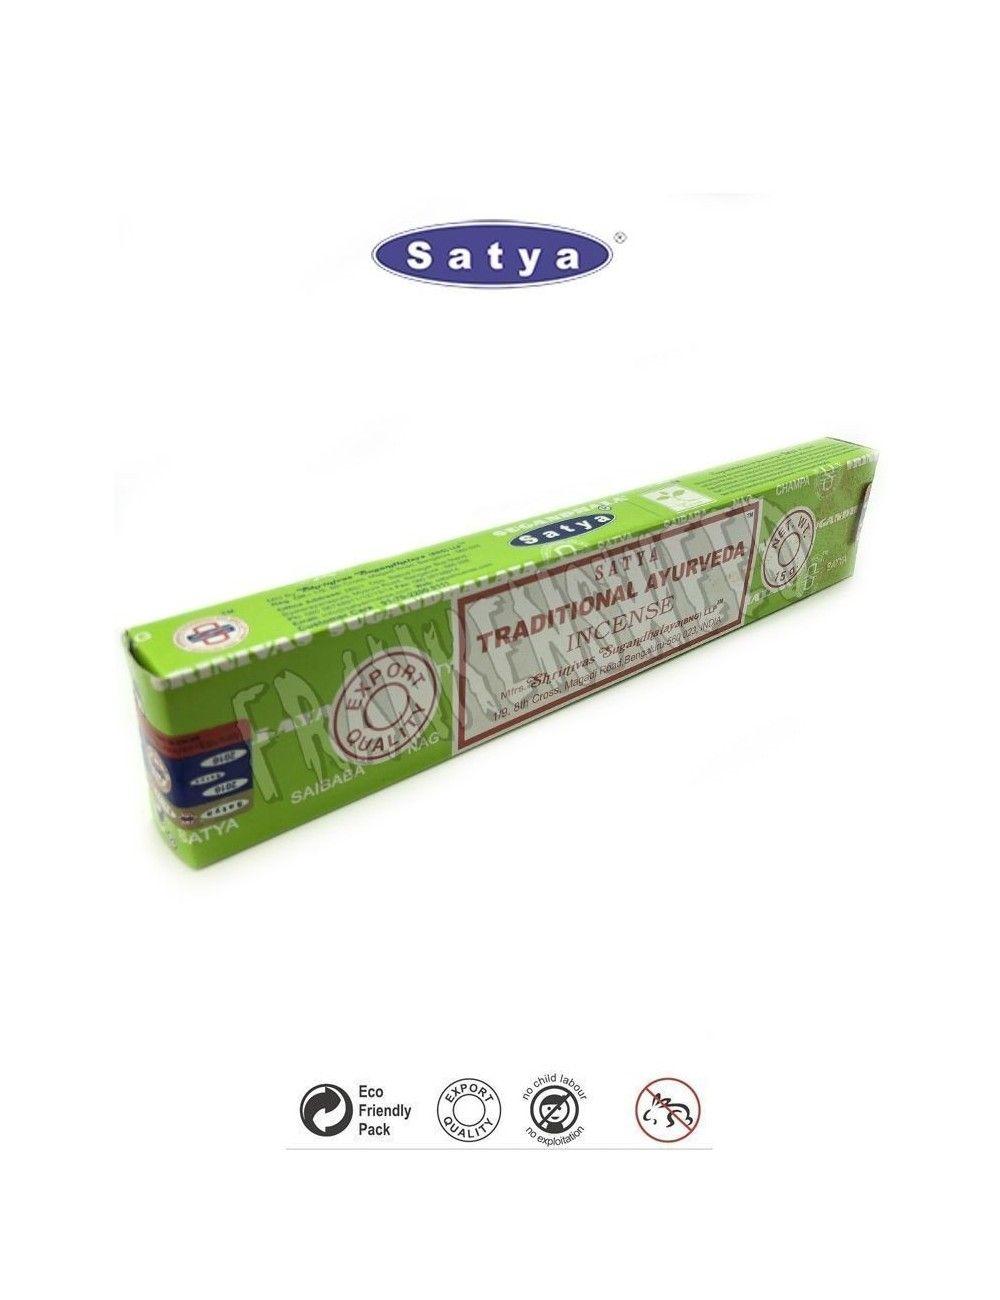 TRADITIONAL AYURVEDA Satya Sai Baba Incense Sticks